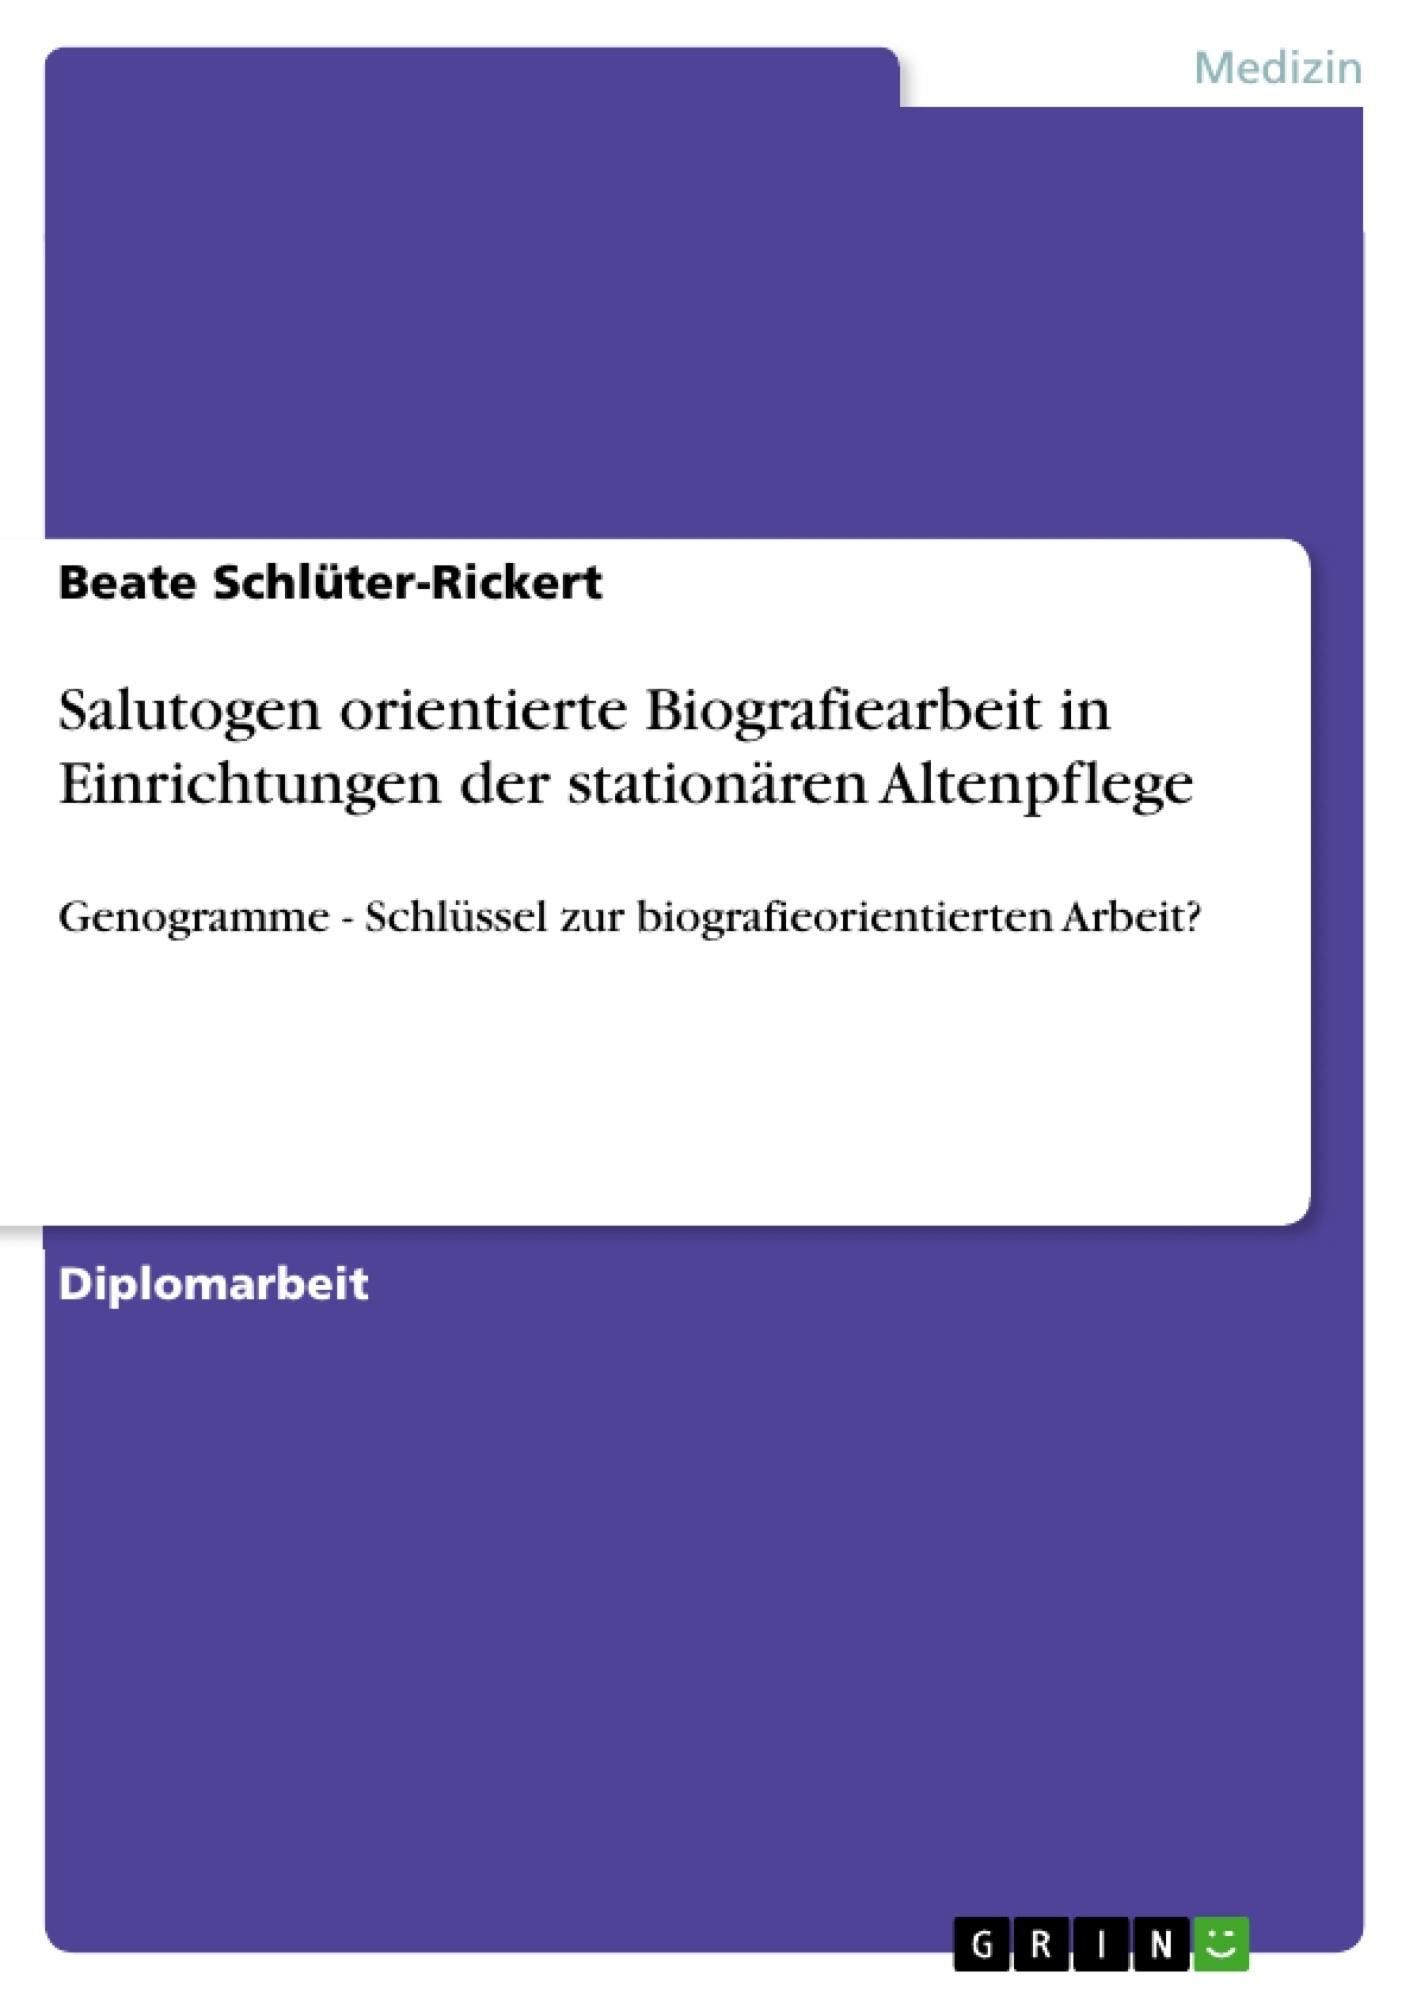 Titel: Salutogen orientierte Biografiearbeit in Einrichtungen der stationären Altenpflege